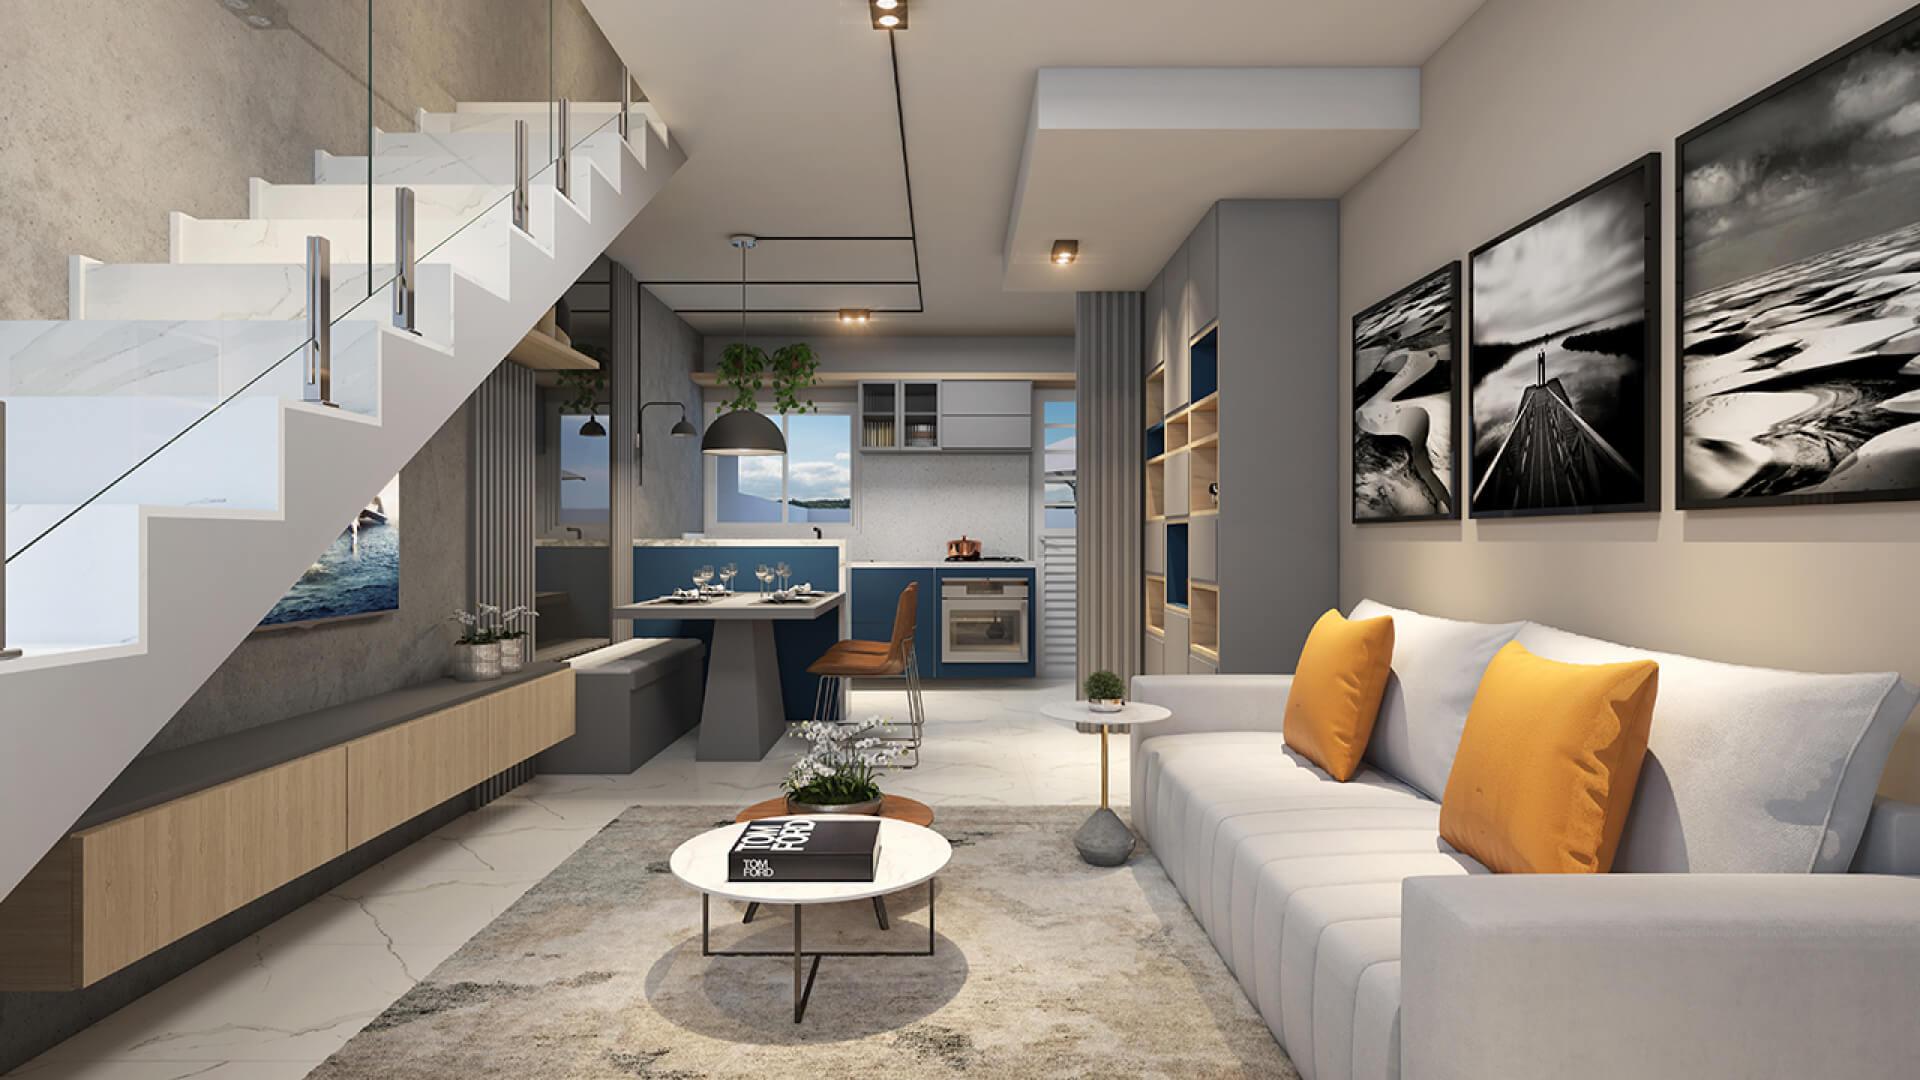 SALA do apto de 54 m².